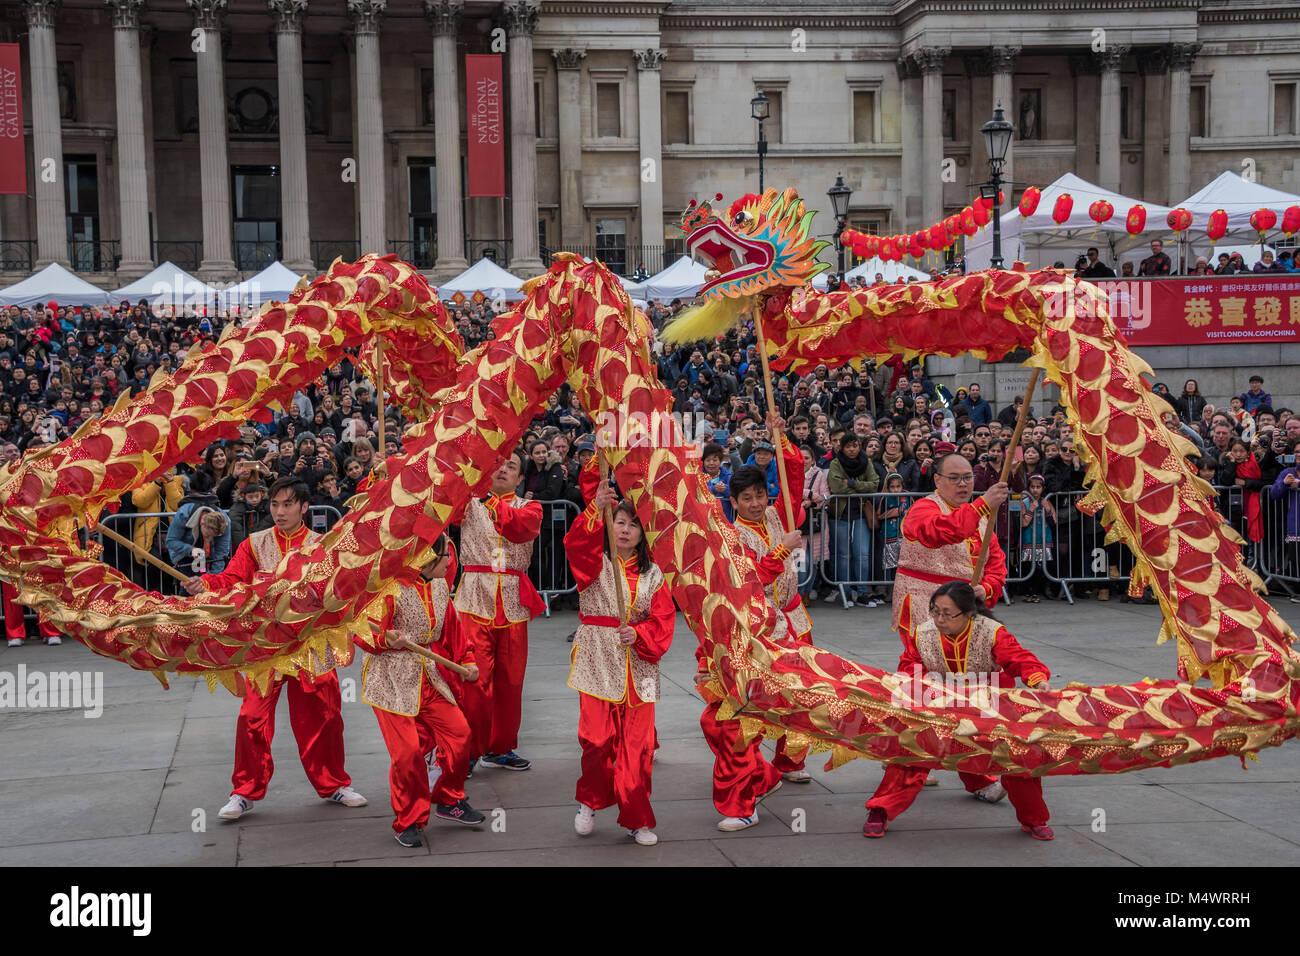 Die Dragon Dance ist in Trafalgar Square - chinesische Neujahrsfest ...